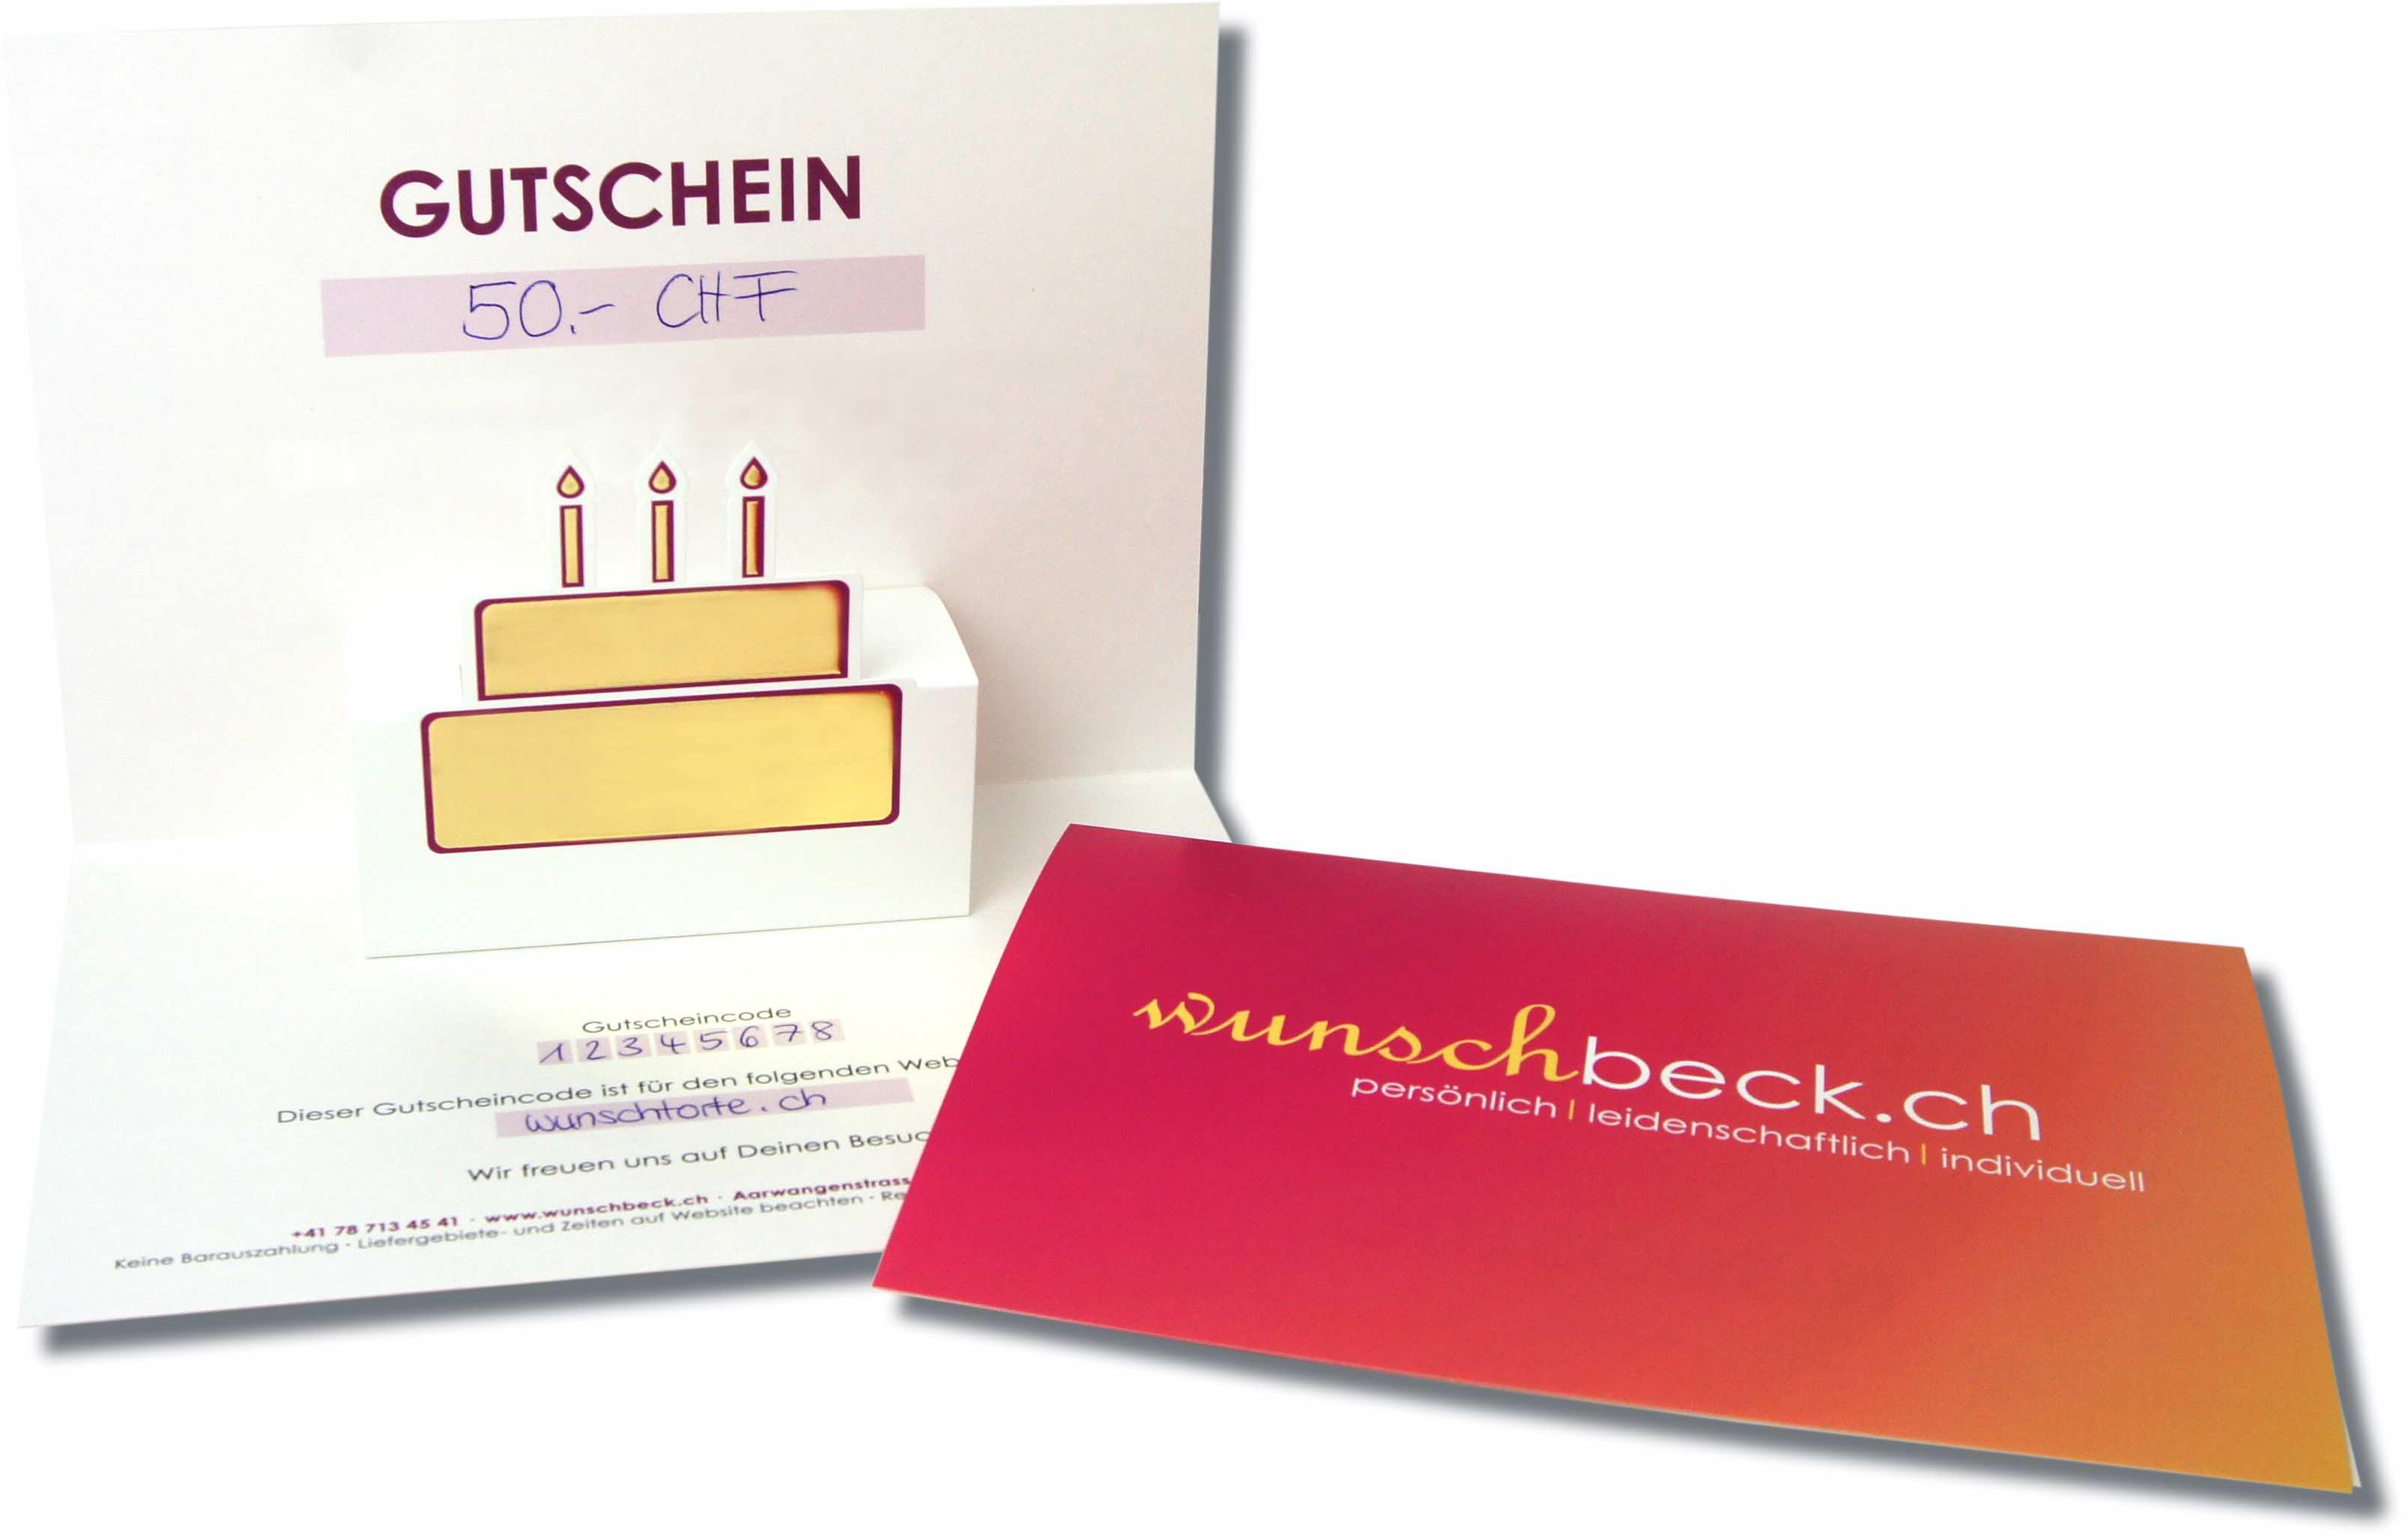 Wunschbeck Gutschein CHF 50.-